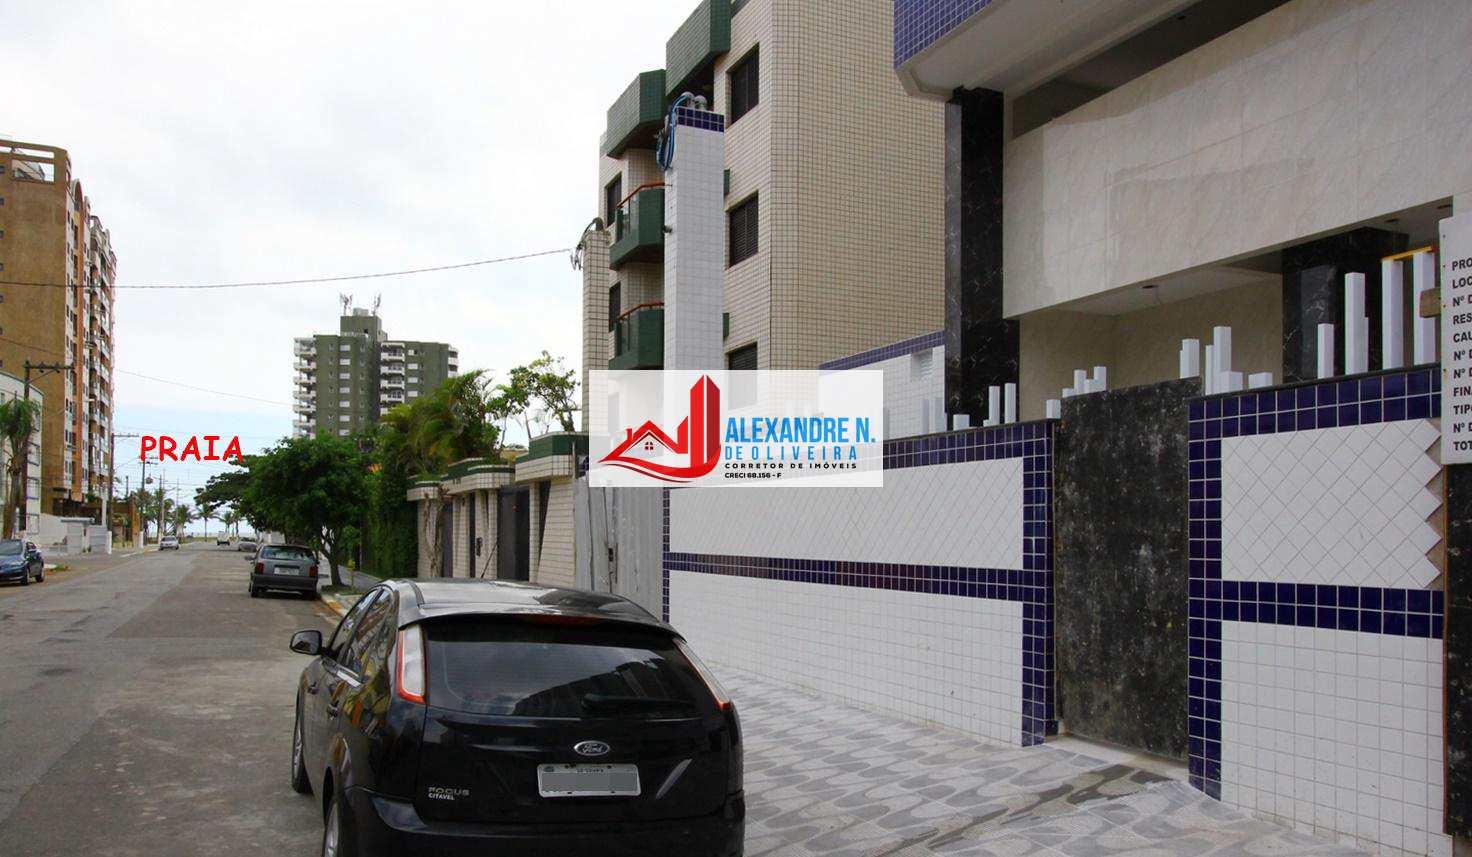 Apartamento 1 dorm, Caiçara, Praia Grande - R$ 282 mil, AP00440